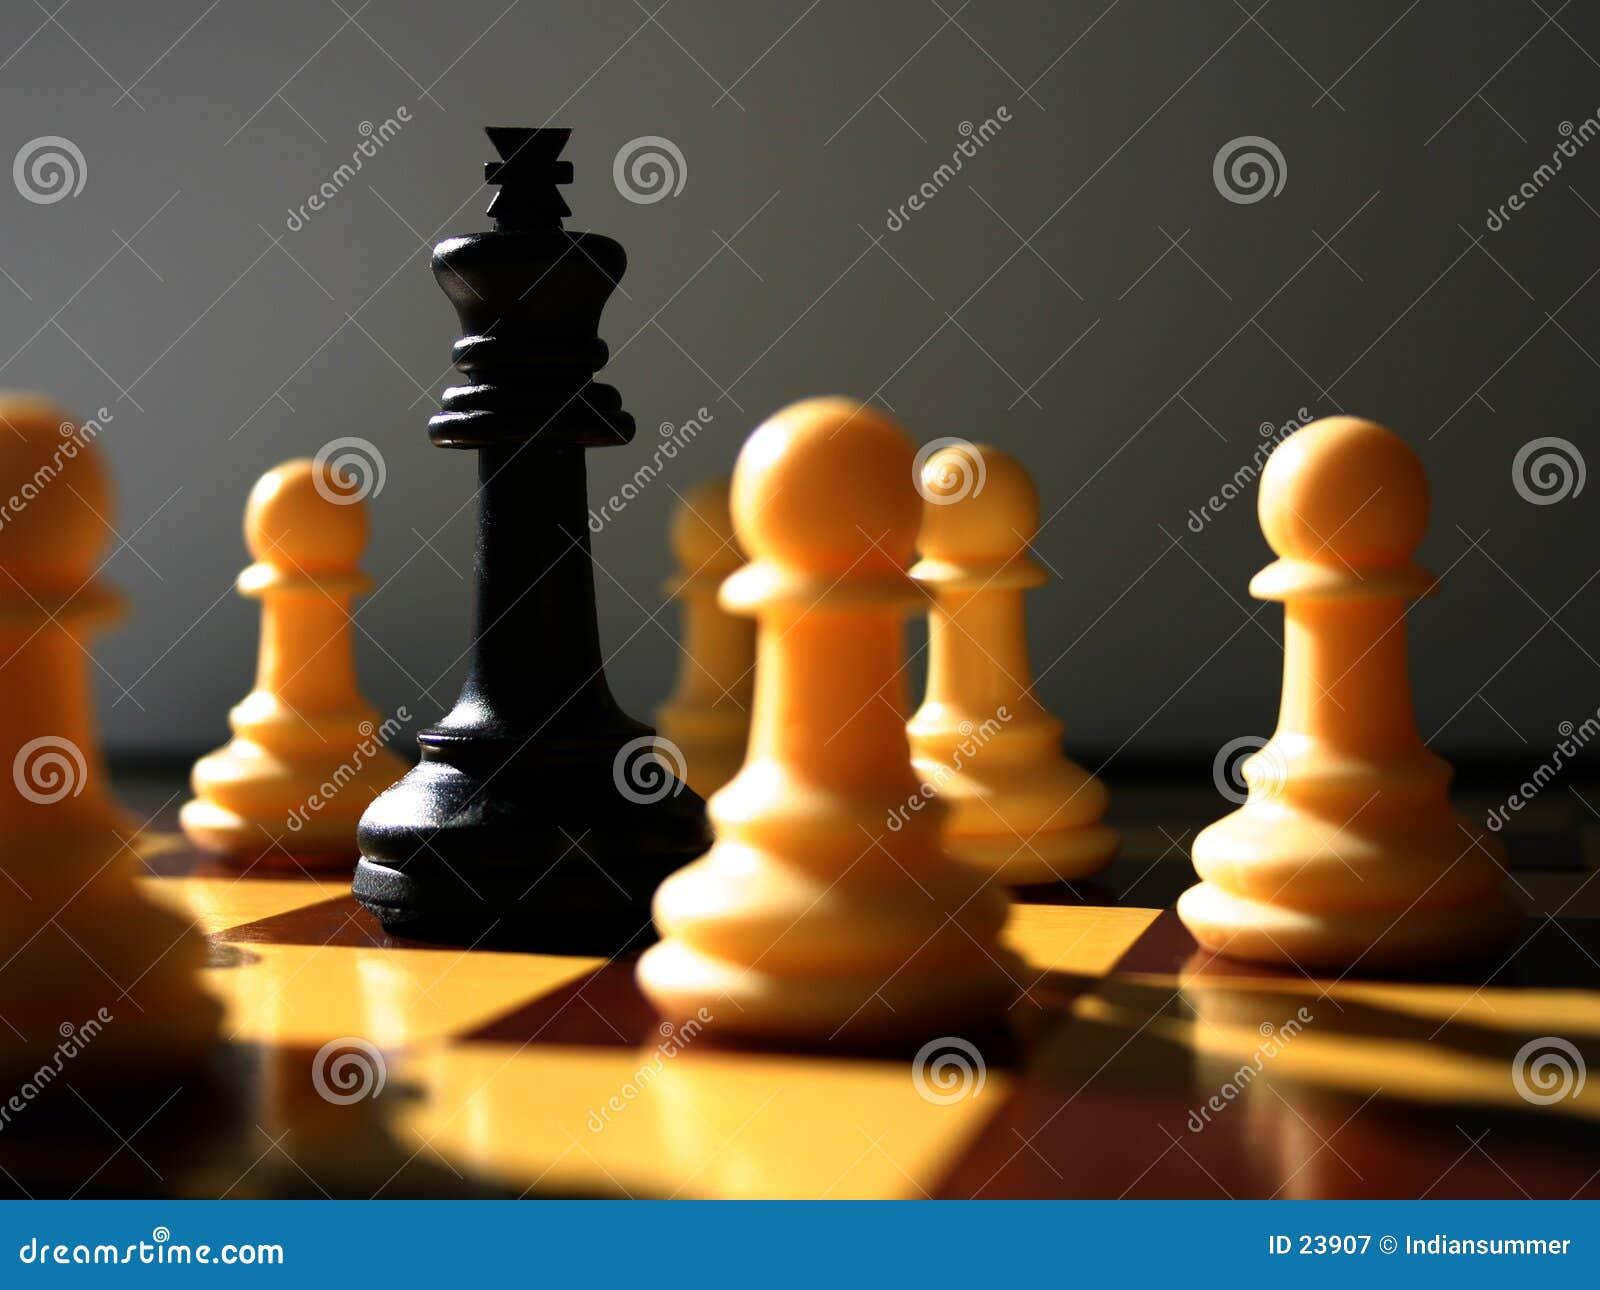 Chess scenario